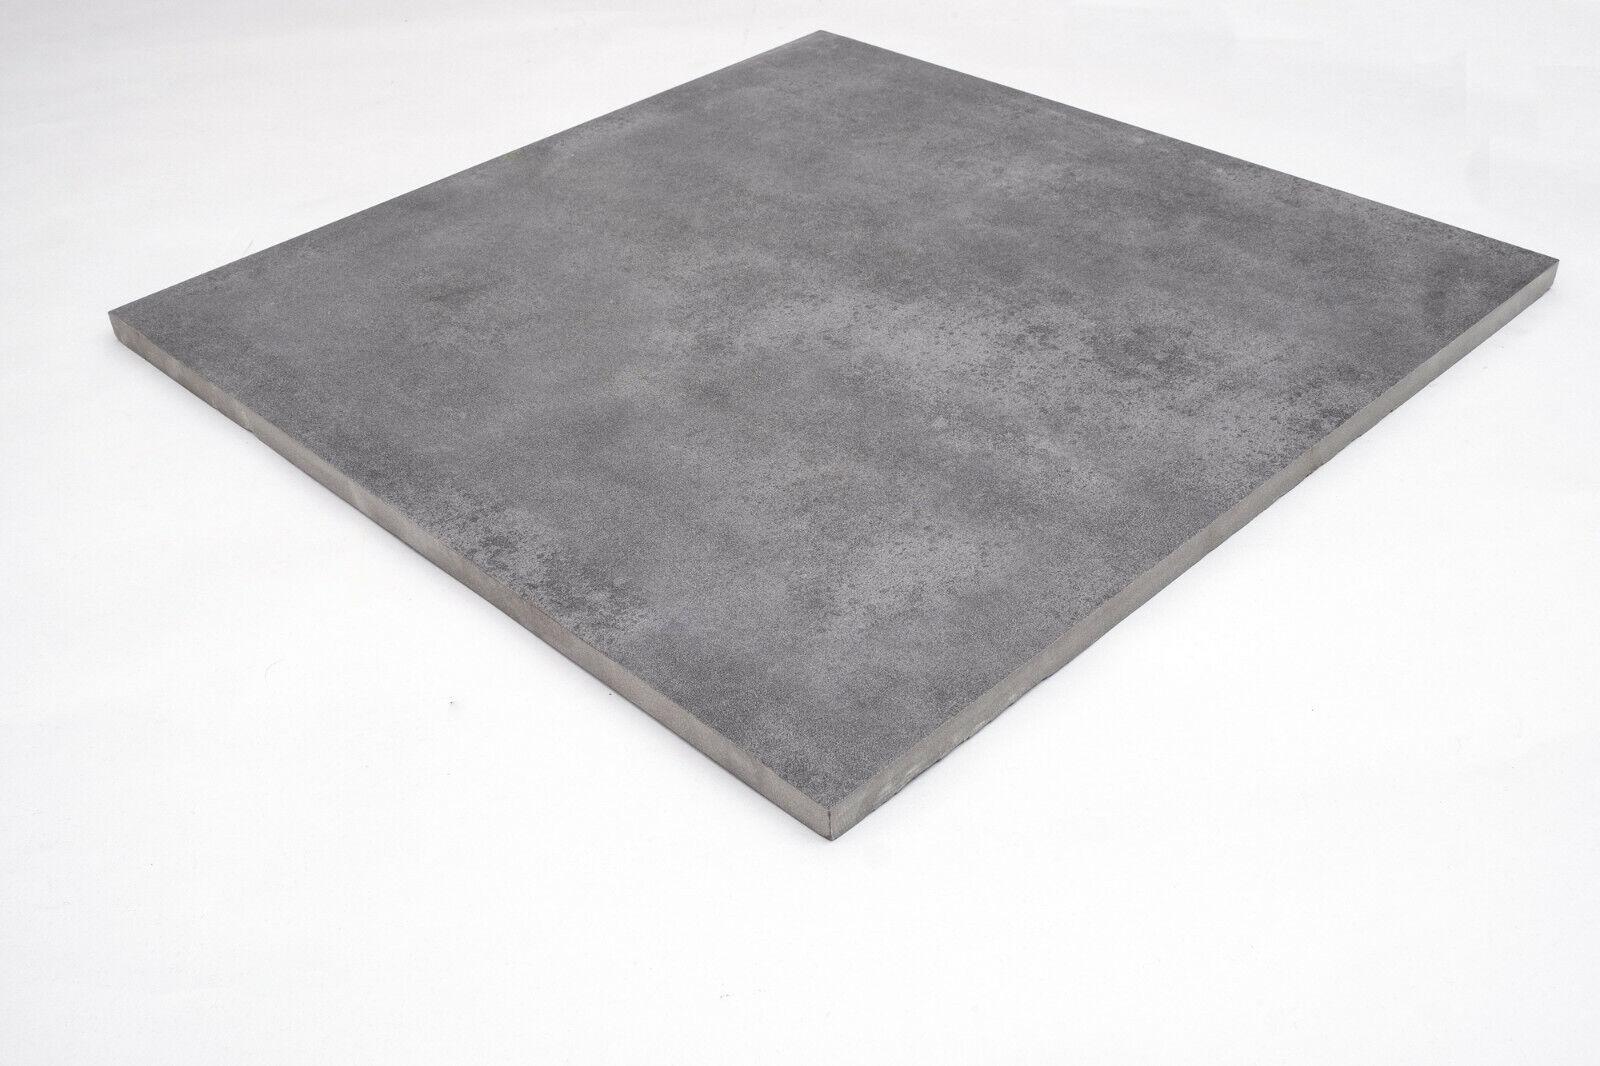 15m² Terrassenplatten Anthrazit 60x60cm Keramik Feinstein Stein Terrassenfliesen